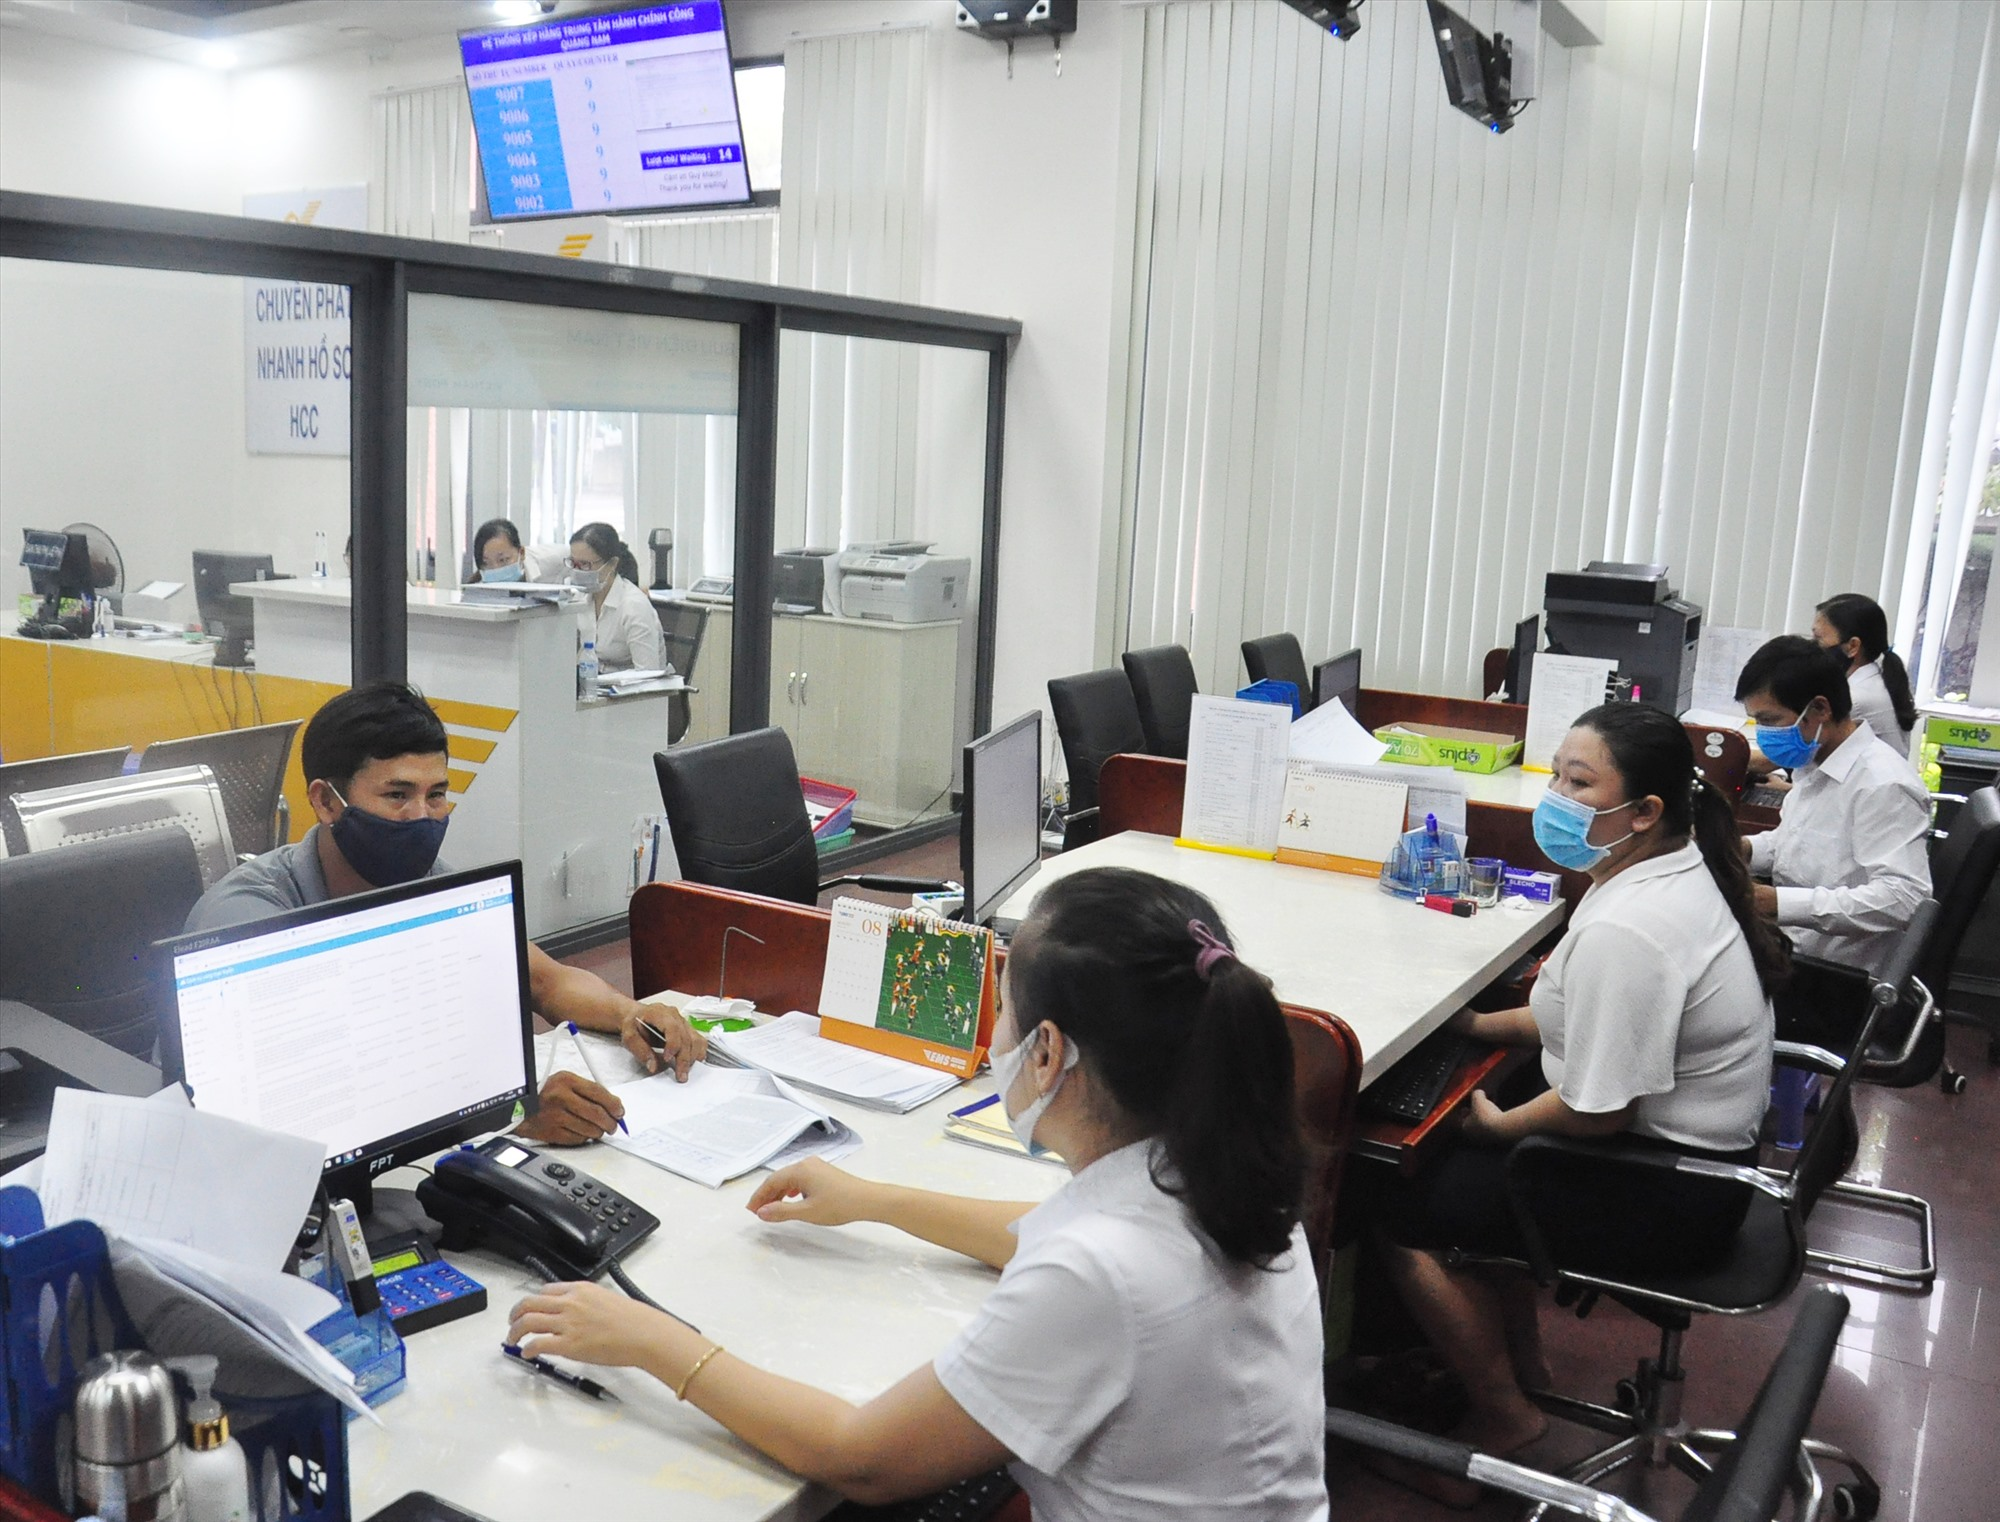 Giải quyết hồ sơ, thủ tục của công dân tại Trung tâm Hành chính công tỉnh. Ảnh: VINH ANH